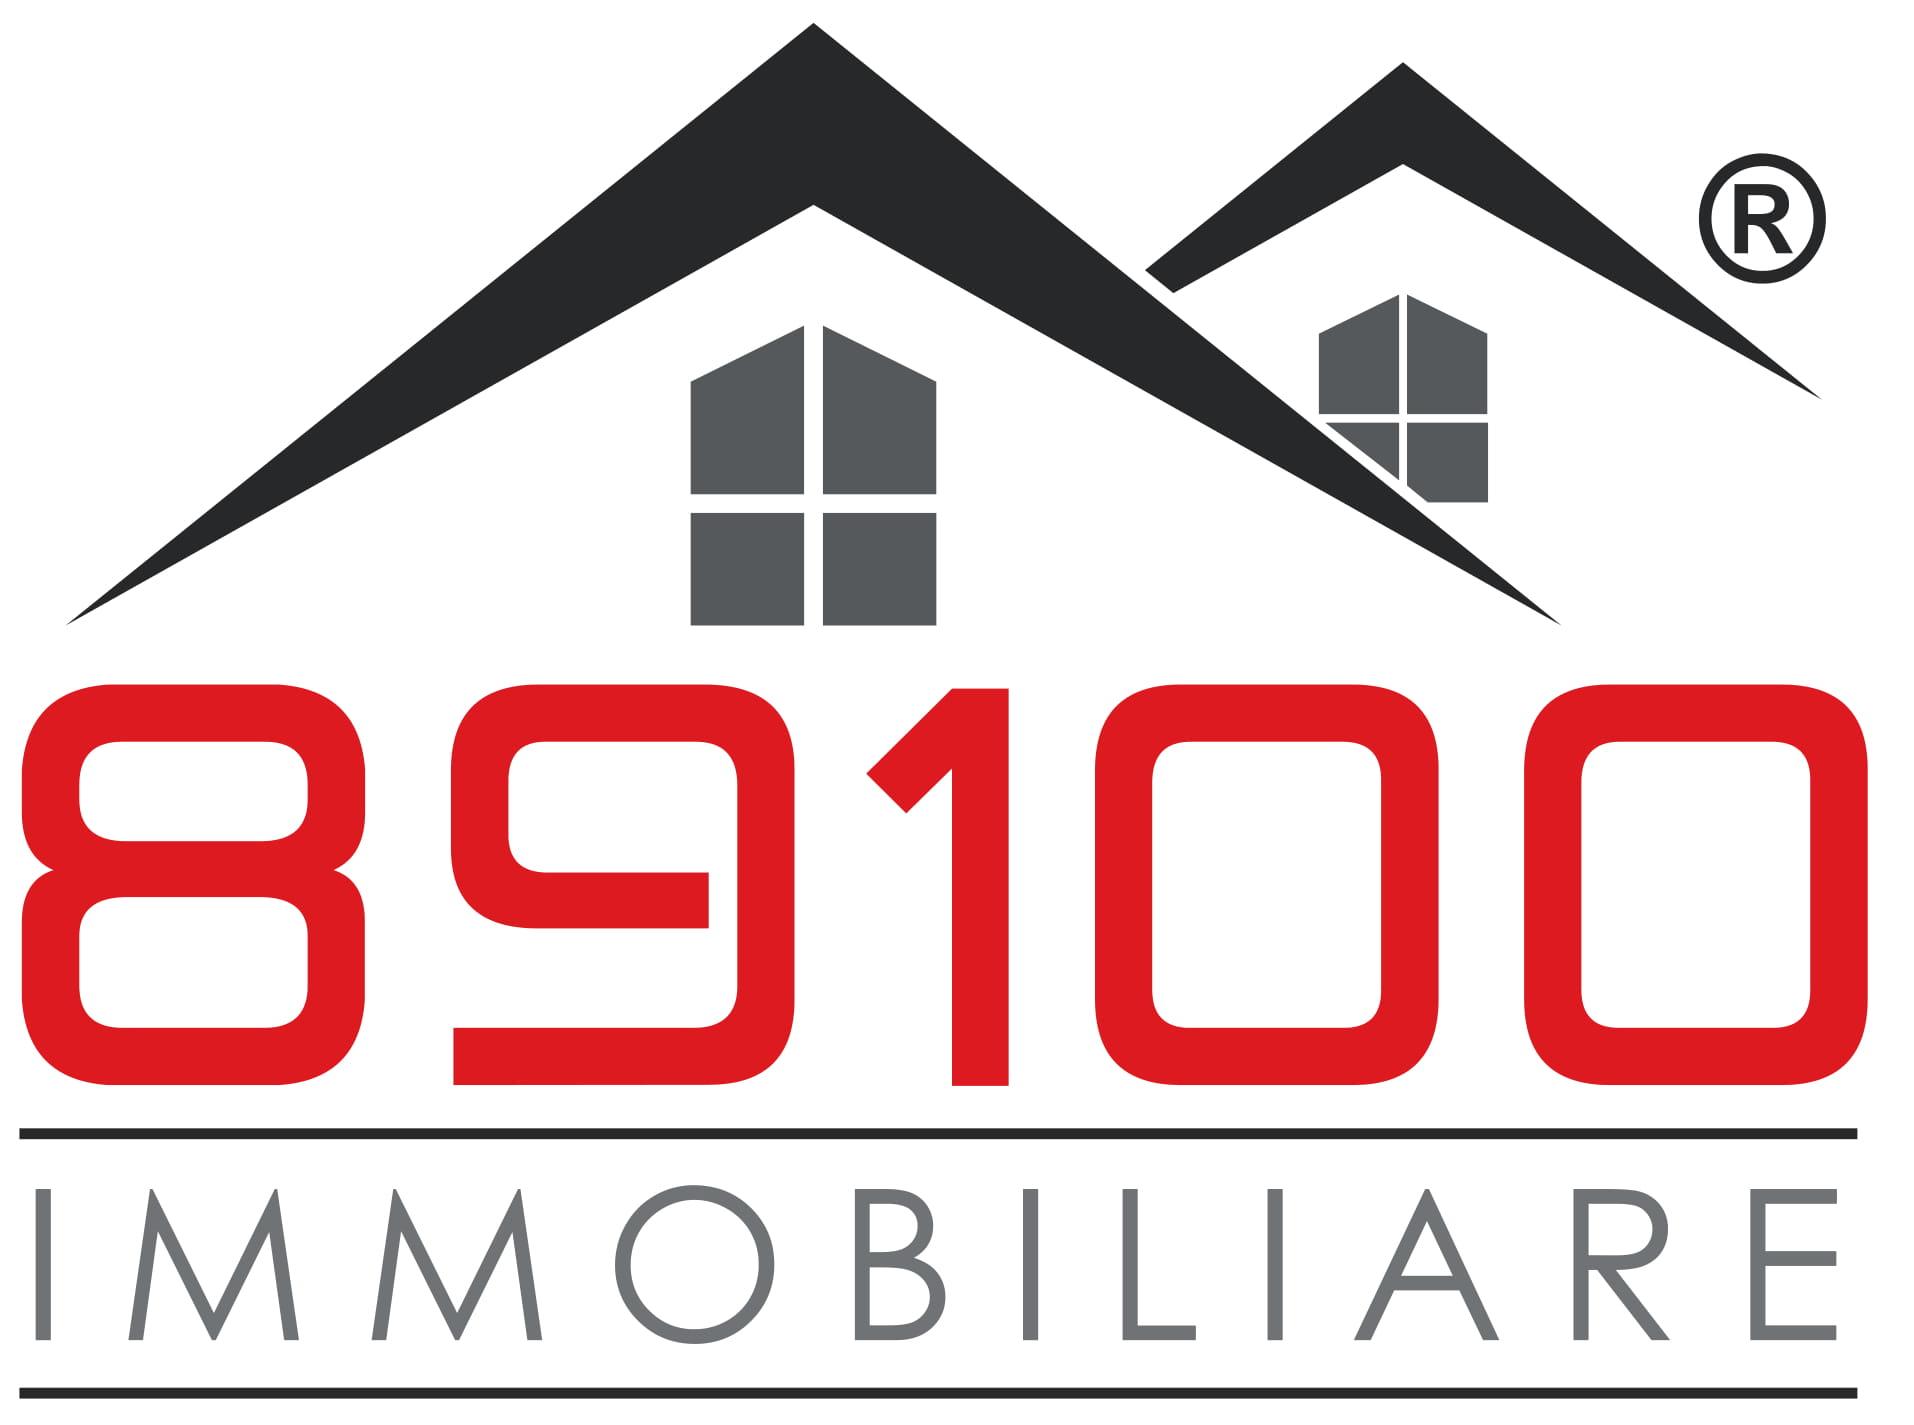 89100 immobiliare di Falcomatà Miriam